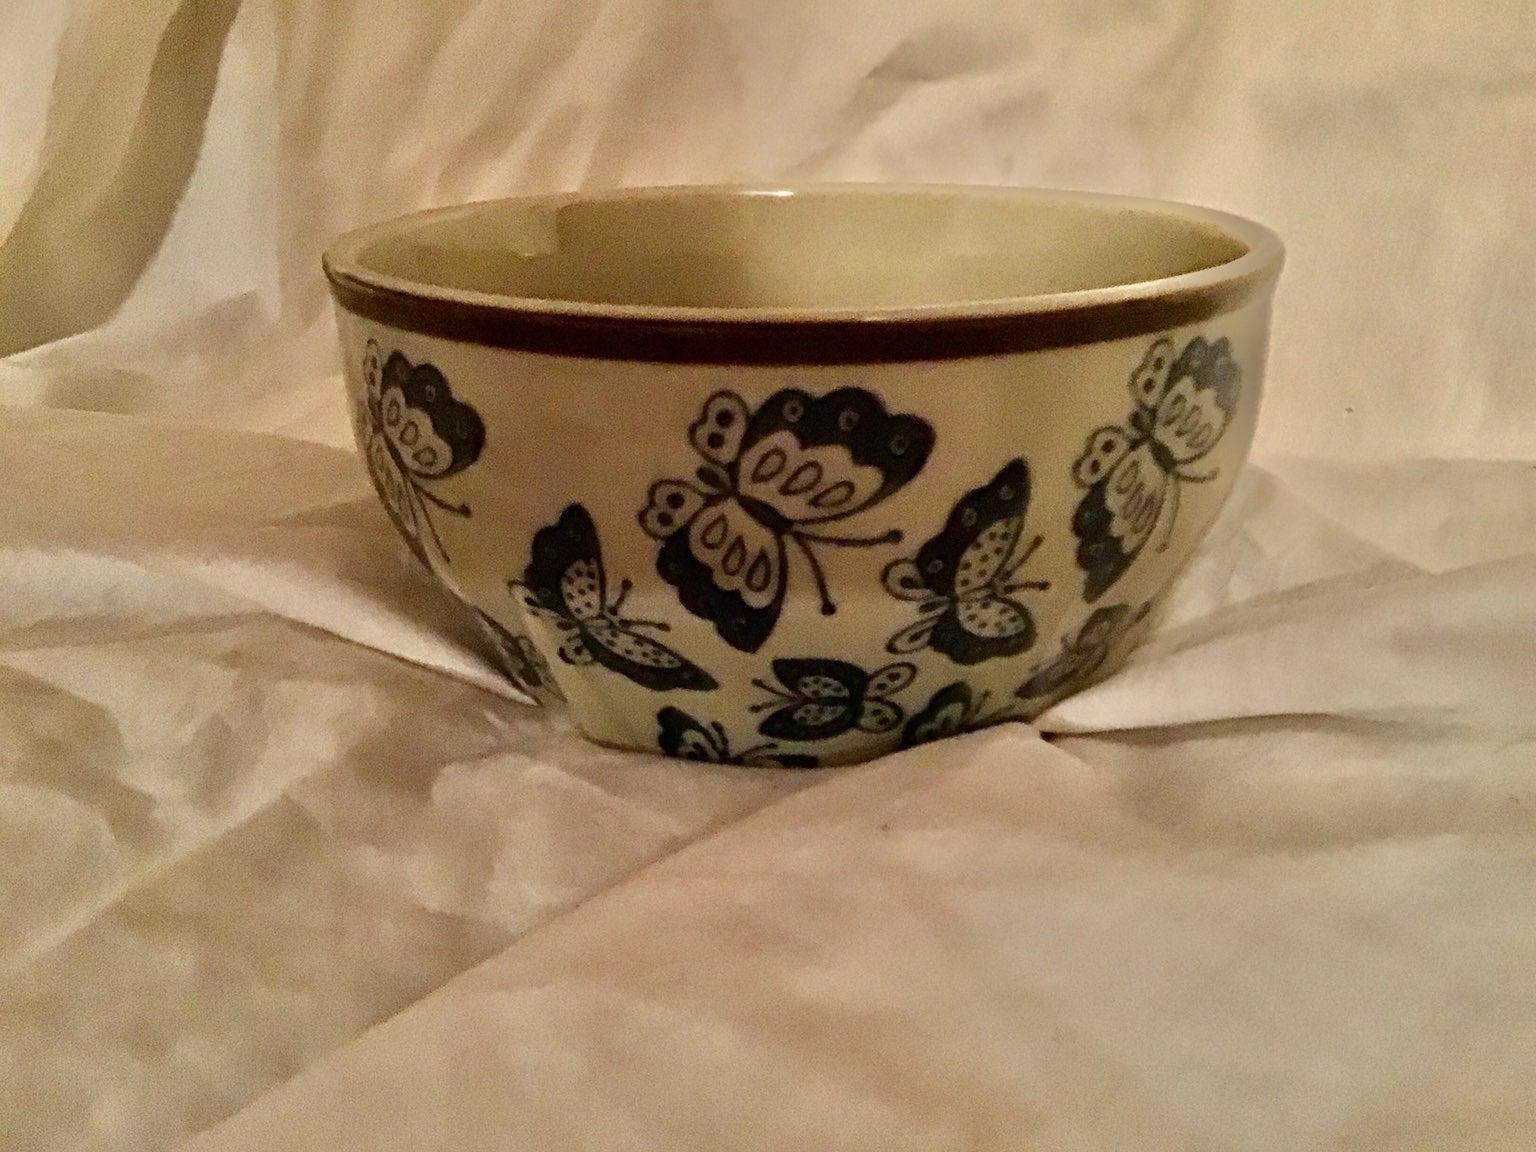 Butterfly Jewelry bedside Bowl